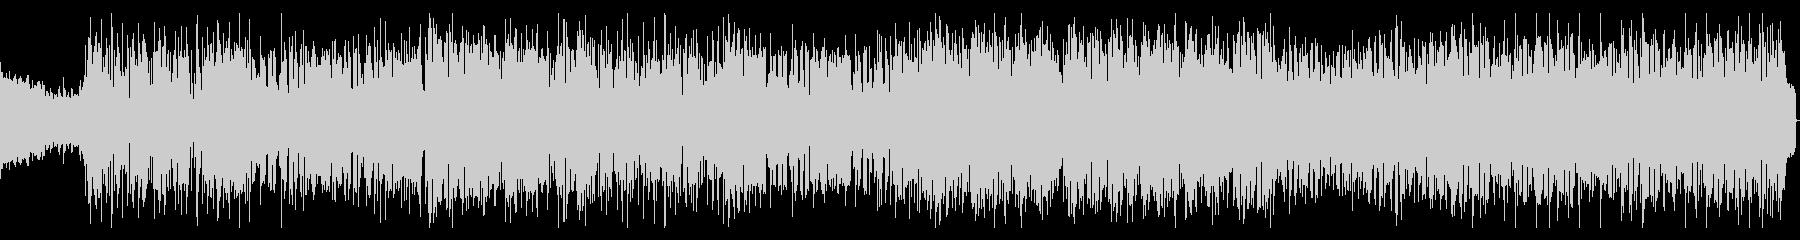 シンセを強調したエレクトロポップサウンドの未再生の波形